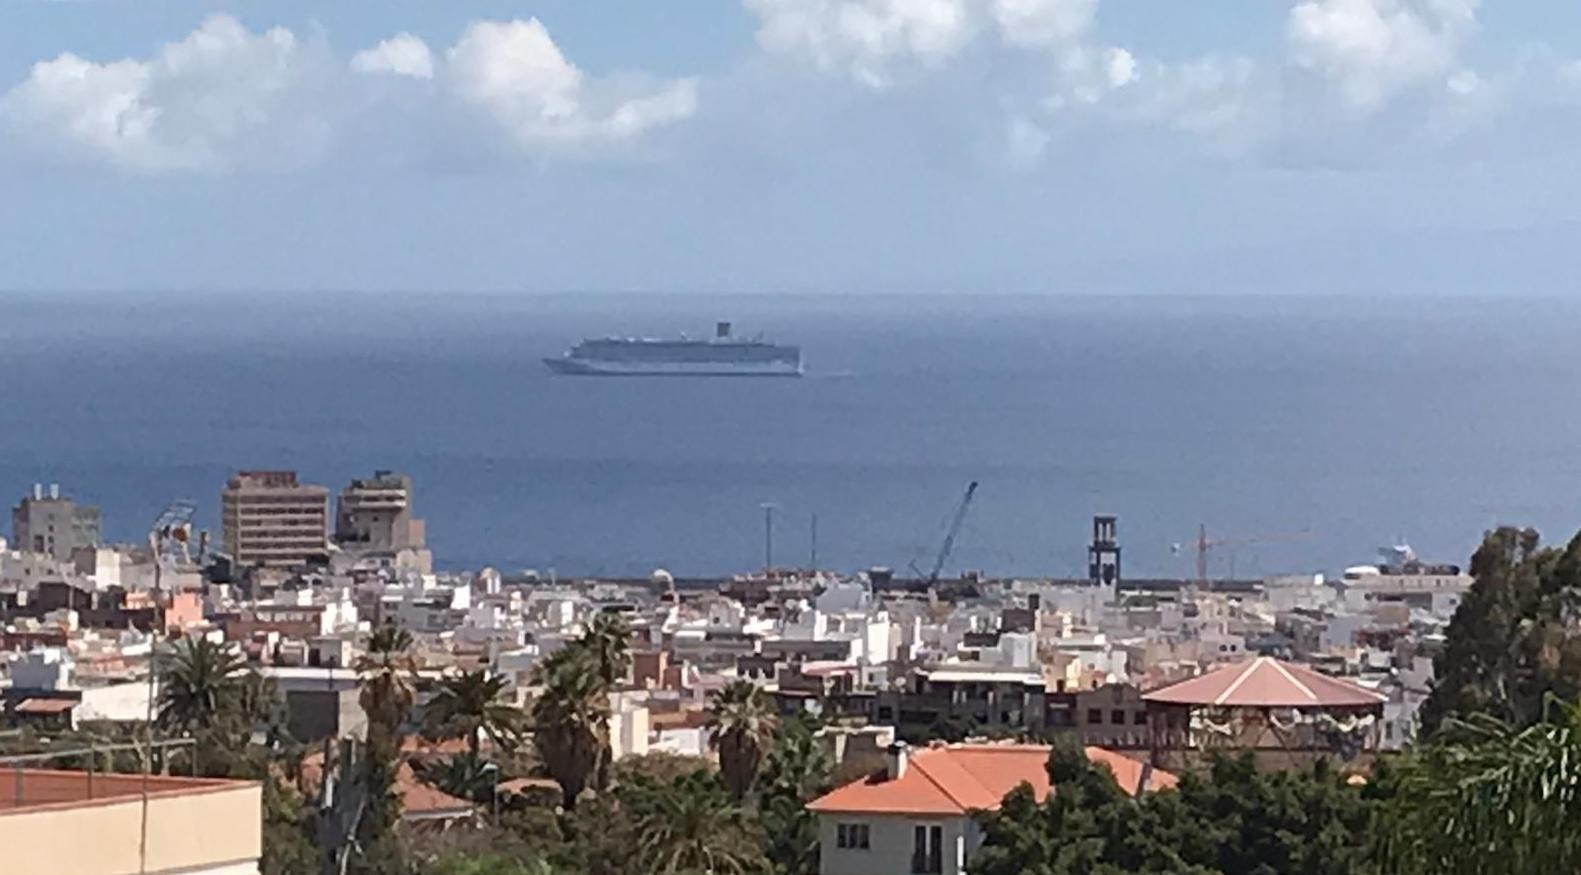 """El buque """"Costa Luminosa"""", frente a Santa Cruz de Tenerife"""